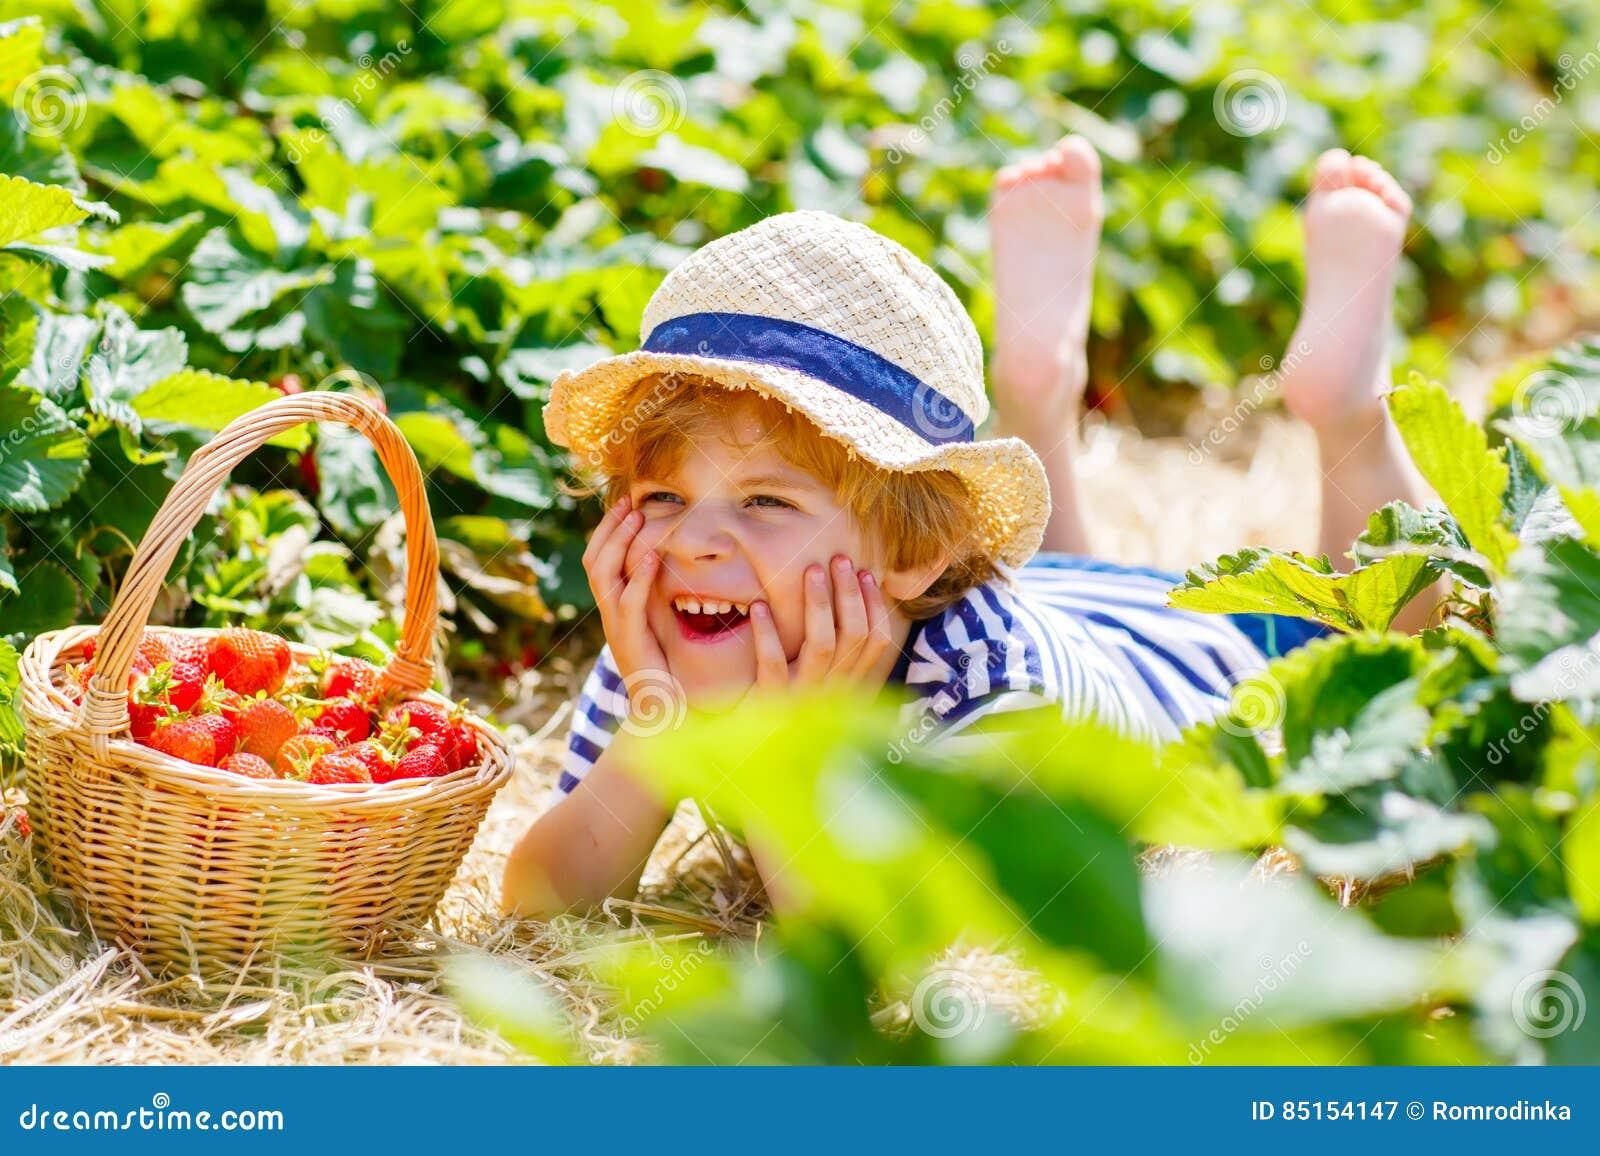 Fragole di raccolto del ragazzo del bambino sull azienda agricola, all aperto